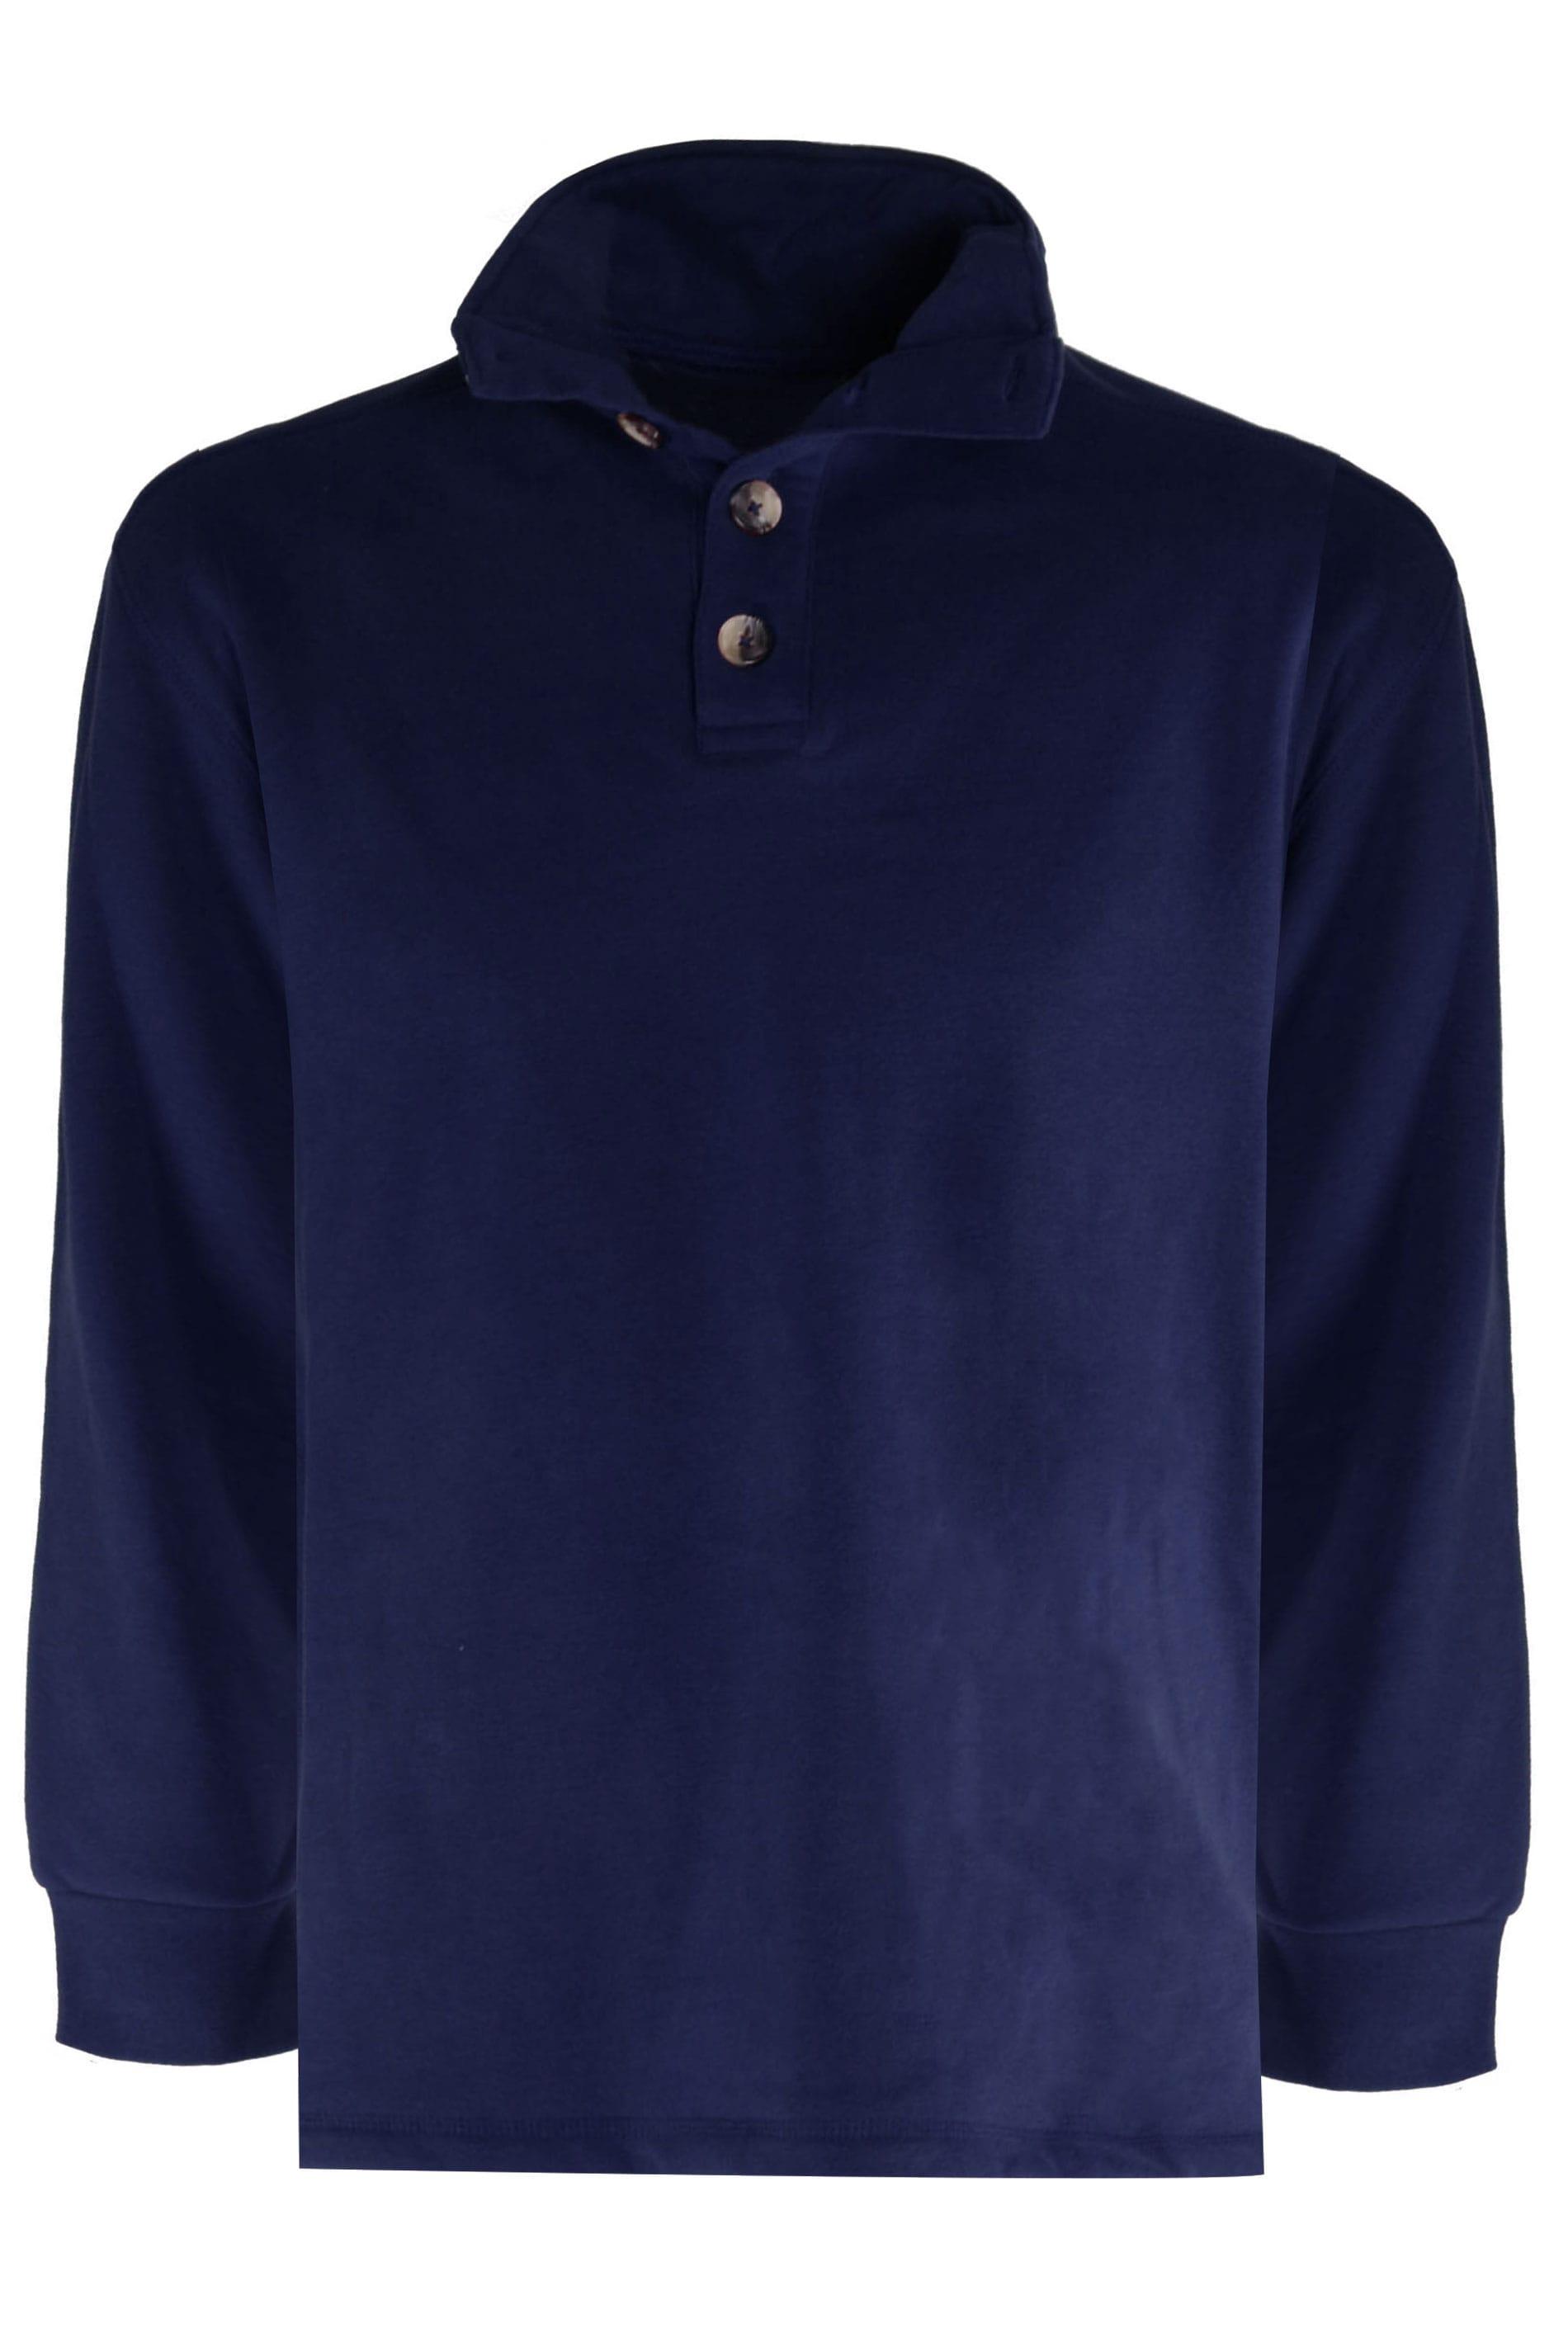 OLD SALT Navy Funnel Button Sweatshirt